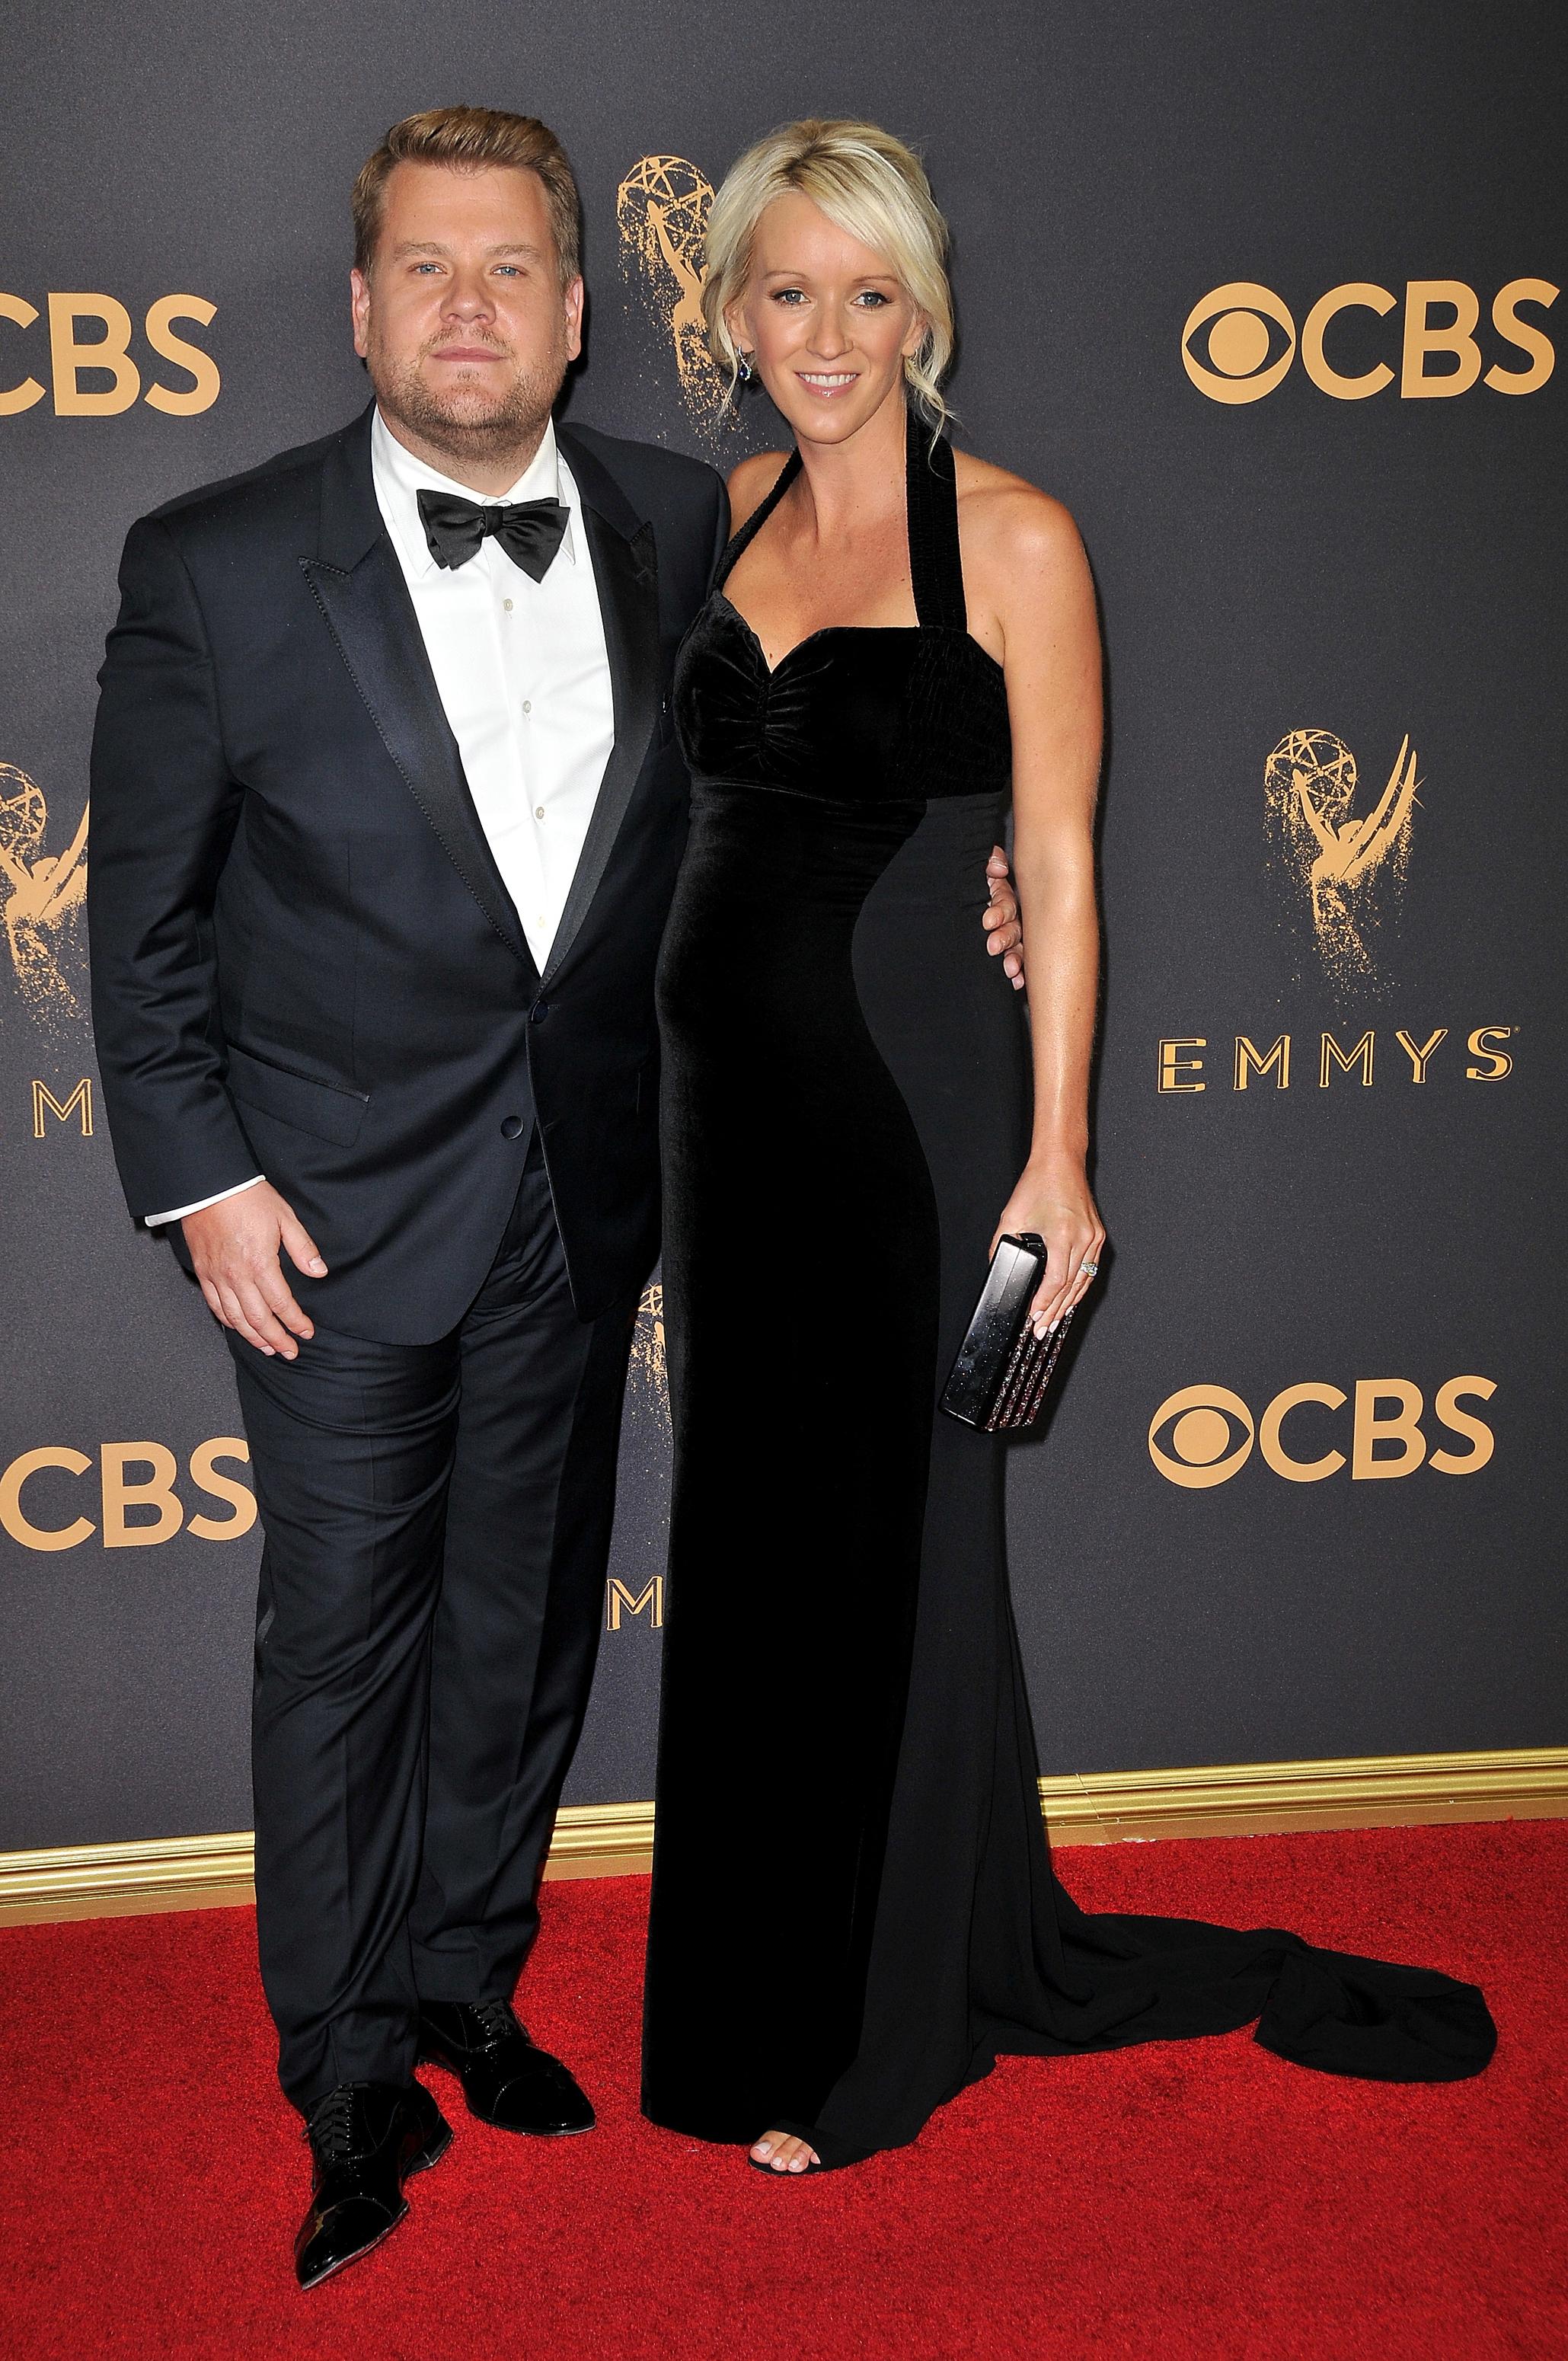 James Corden & His Wife Julie